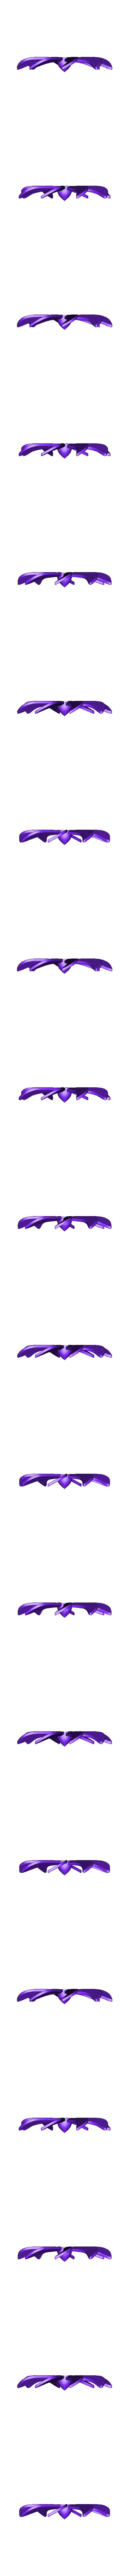 helice sous marin.stl Télécharger fichier STL gratuit helice sous marin • Plan à imprimer en 3D, nielerwan